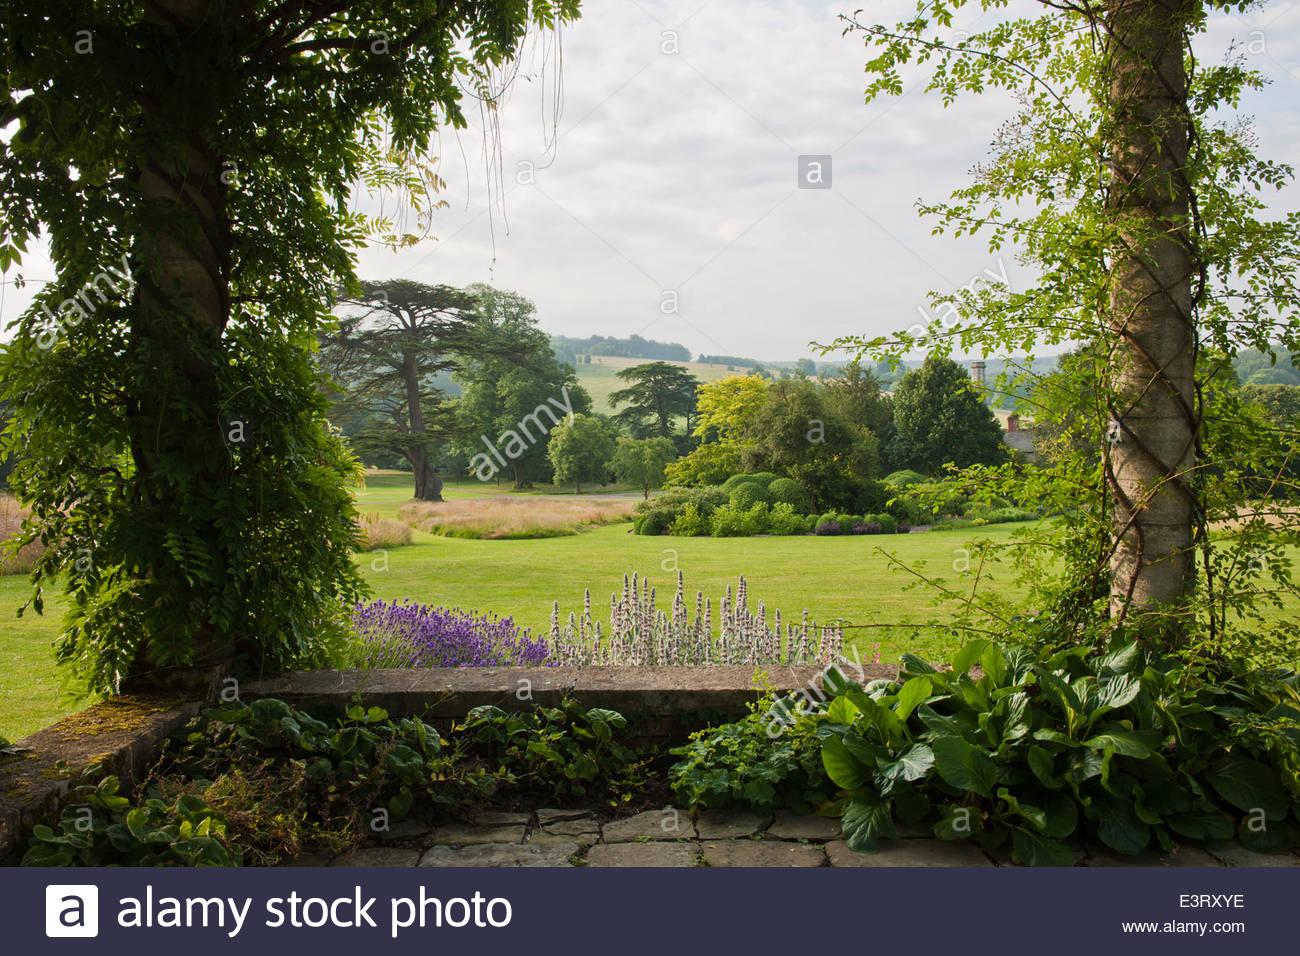 Frame Landschaft Rasen Bäume malerische steinerne Pergola West Dean Sussex Ansicht Sommer Klettern Rosen Clematis Stockbild